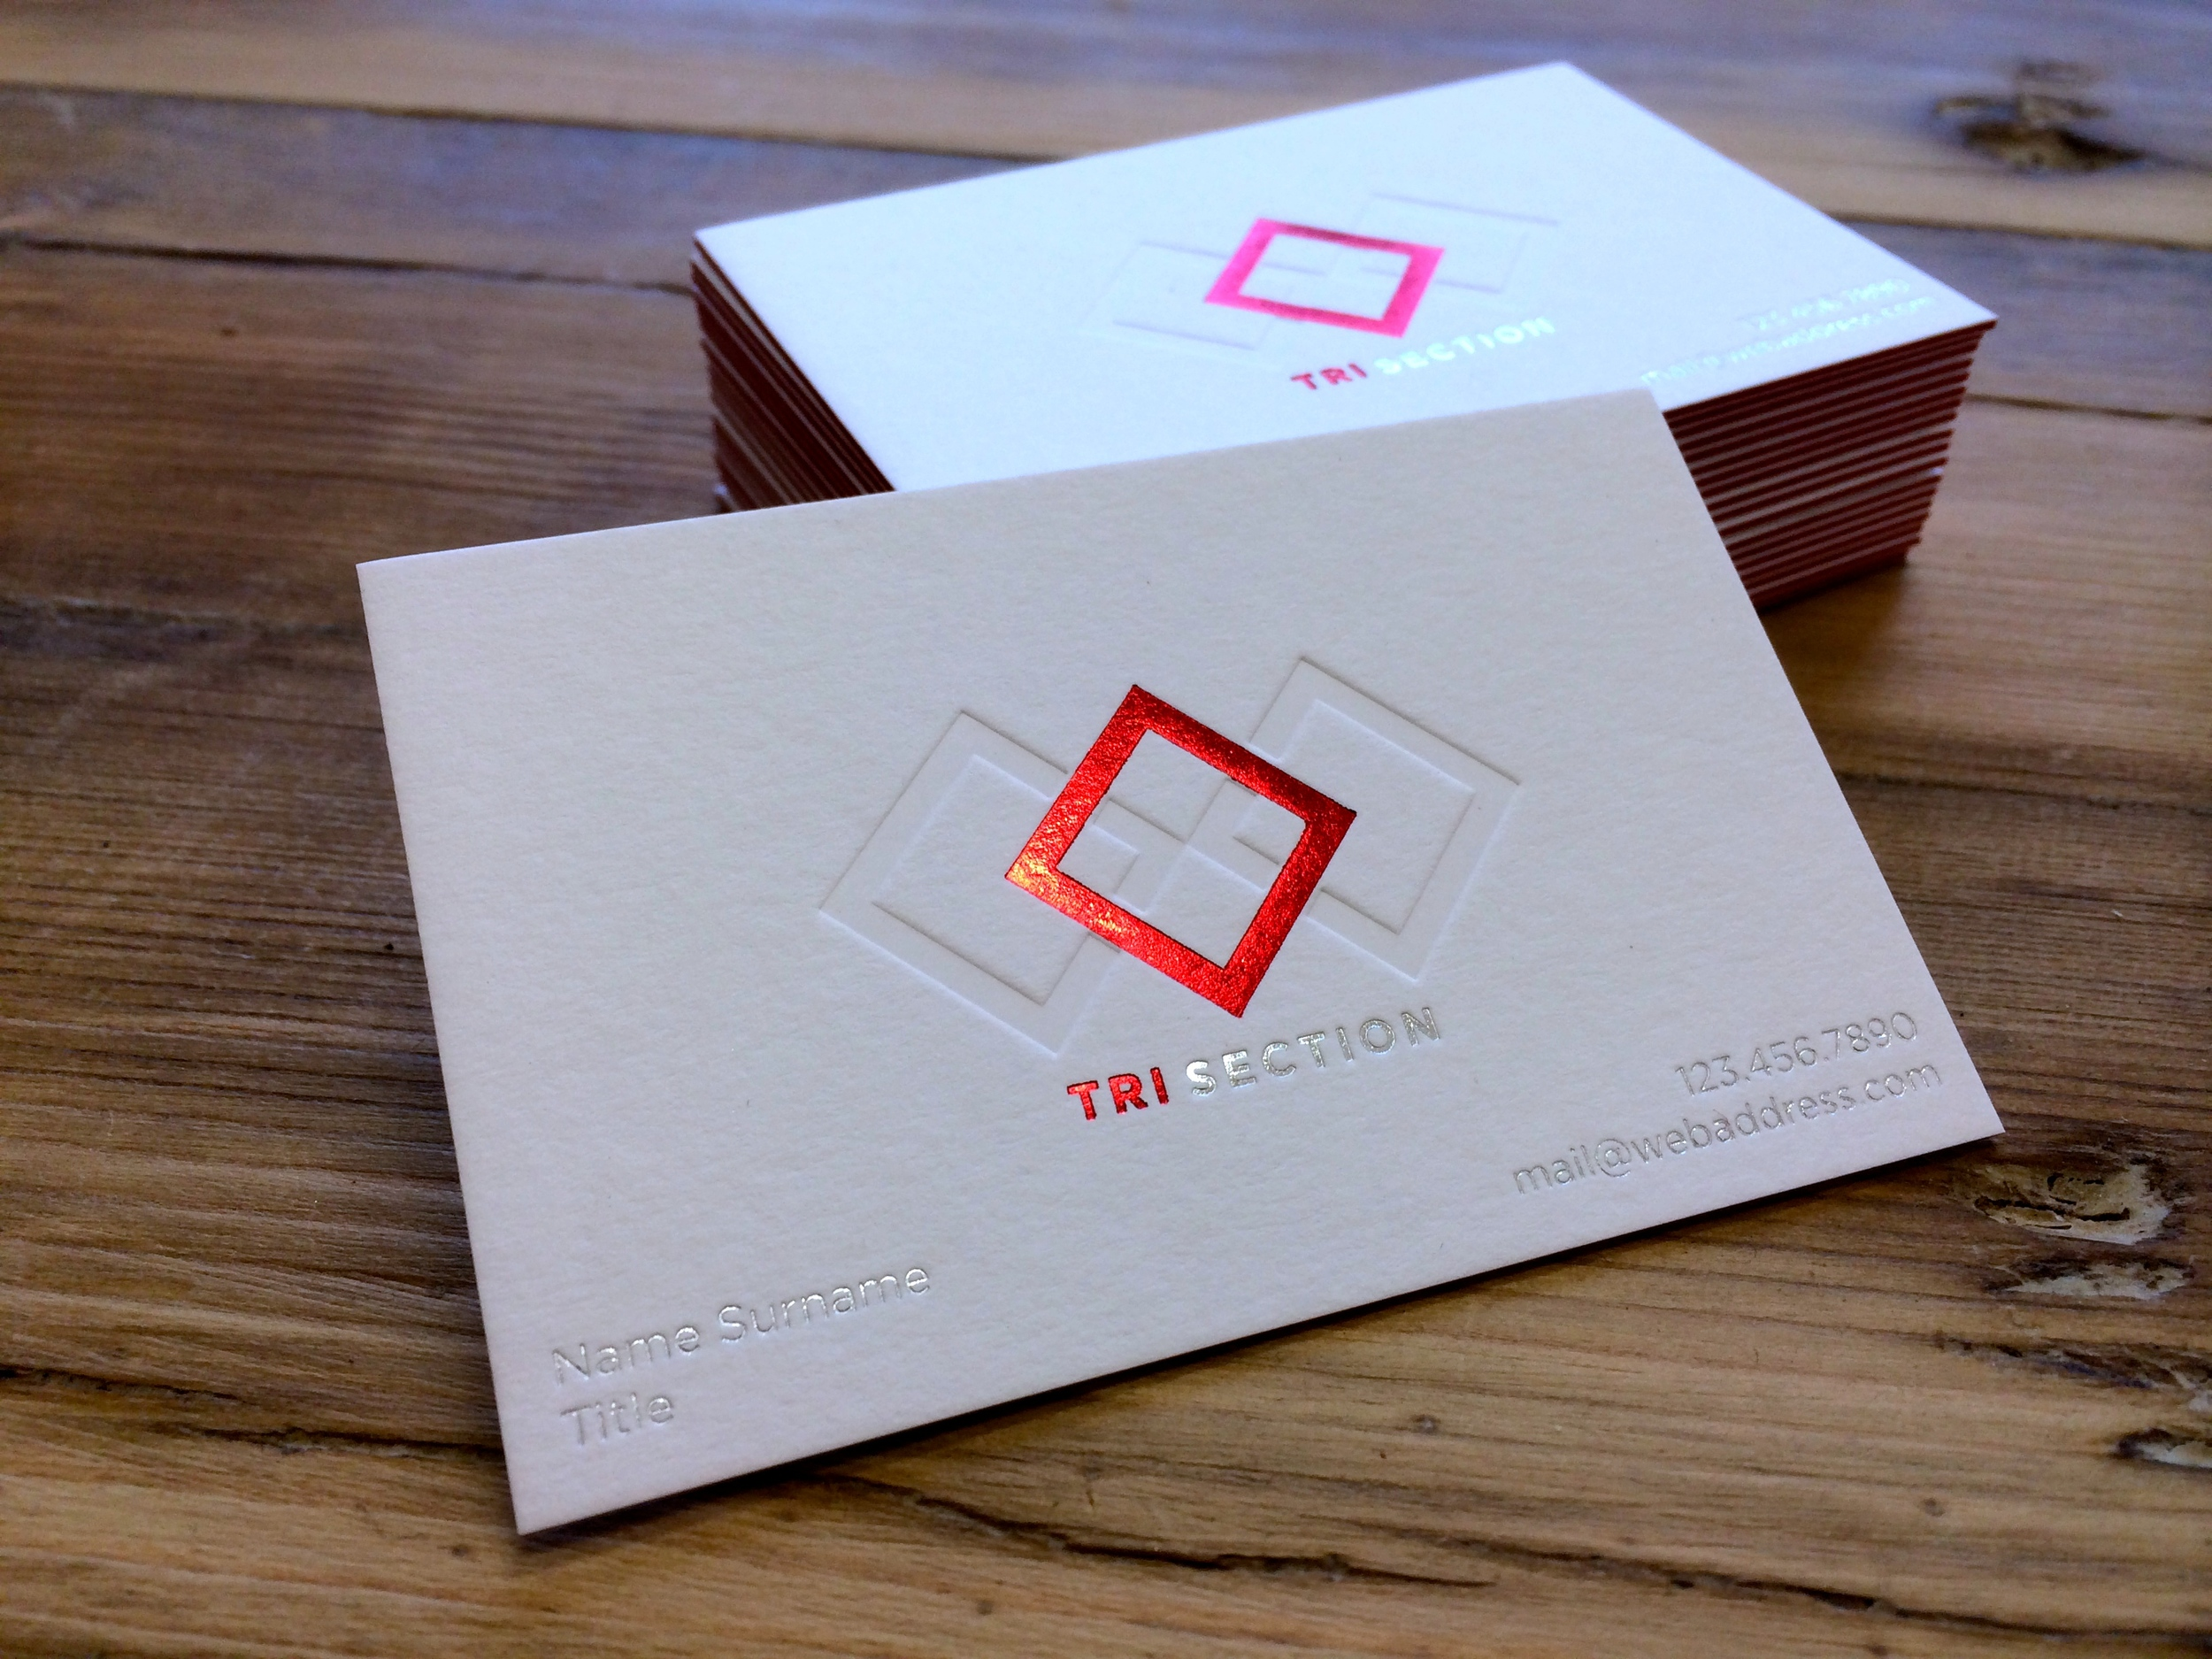 letterpressshot3.jpg